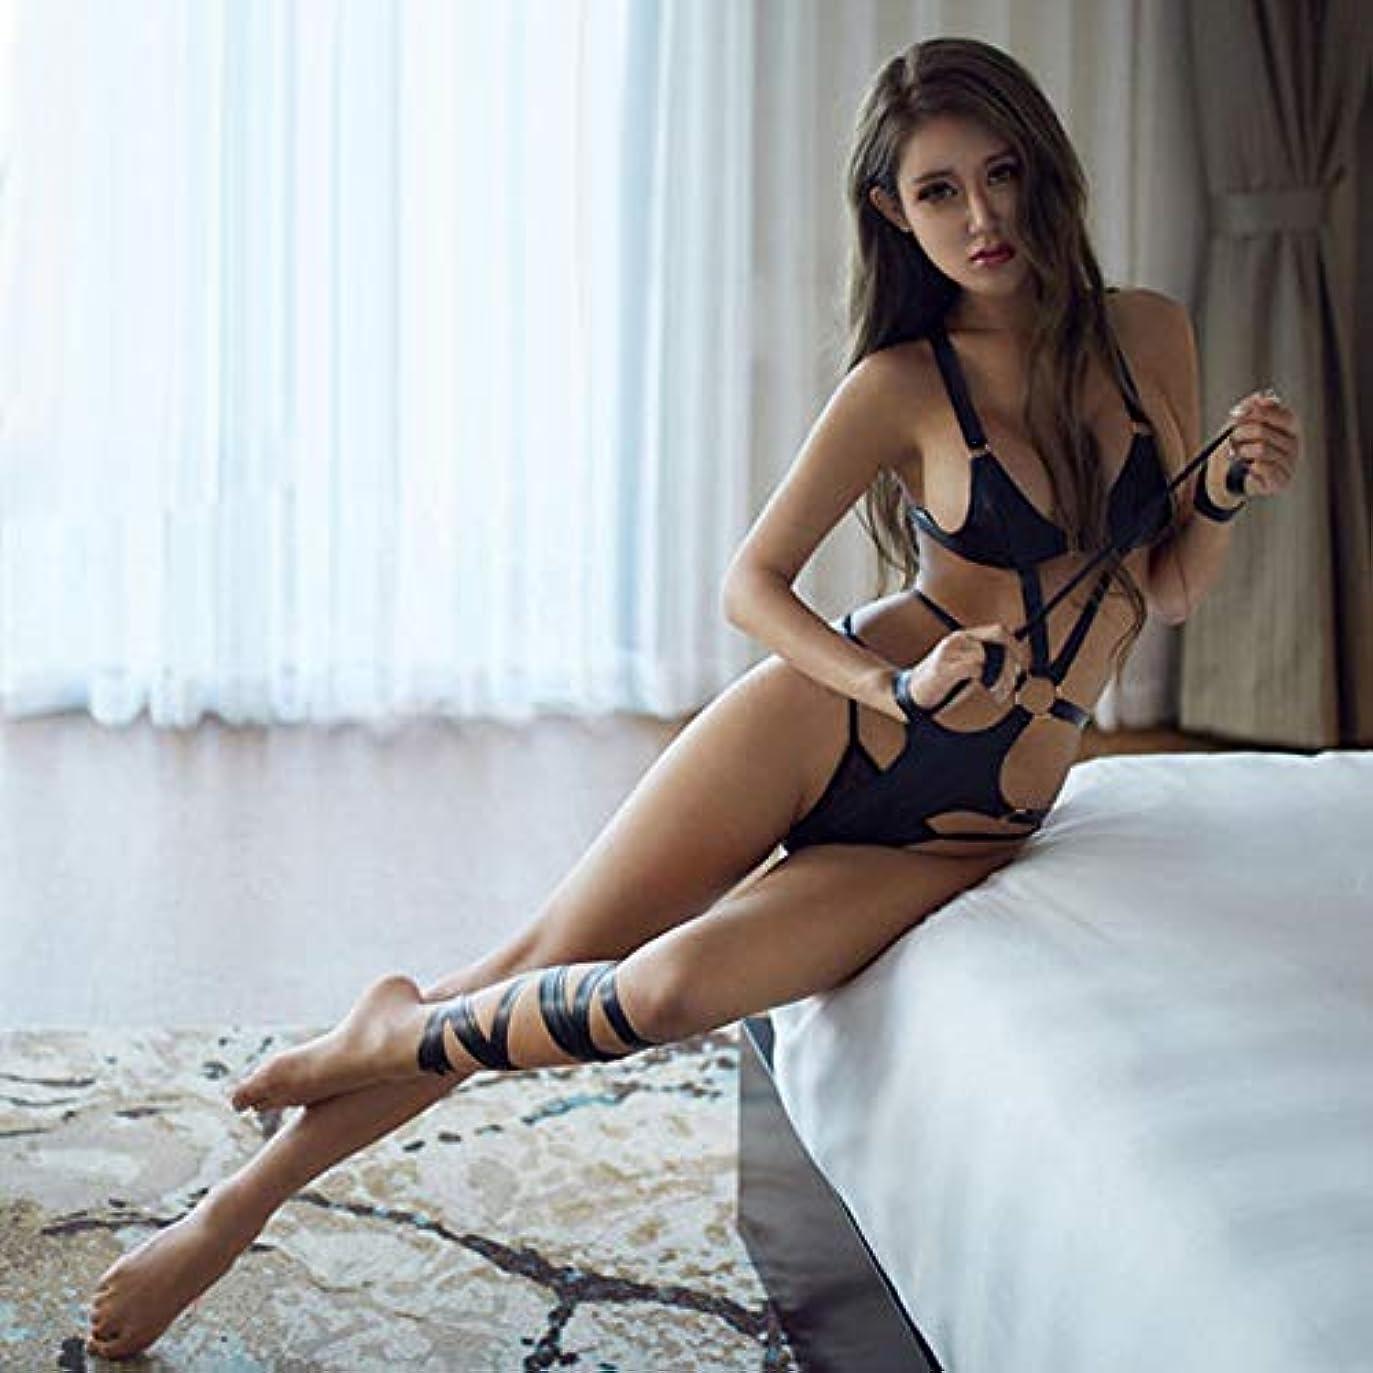 対象自発的シェーバーXiaopf 新しいエロ女性のセクシーなランジェリー下着セクシーな熱意色中空タイツロールプレイエロ下着エロティックな服